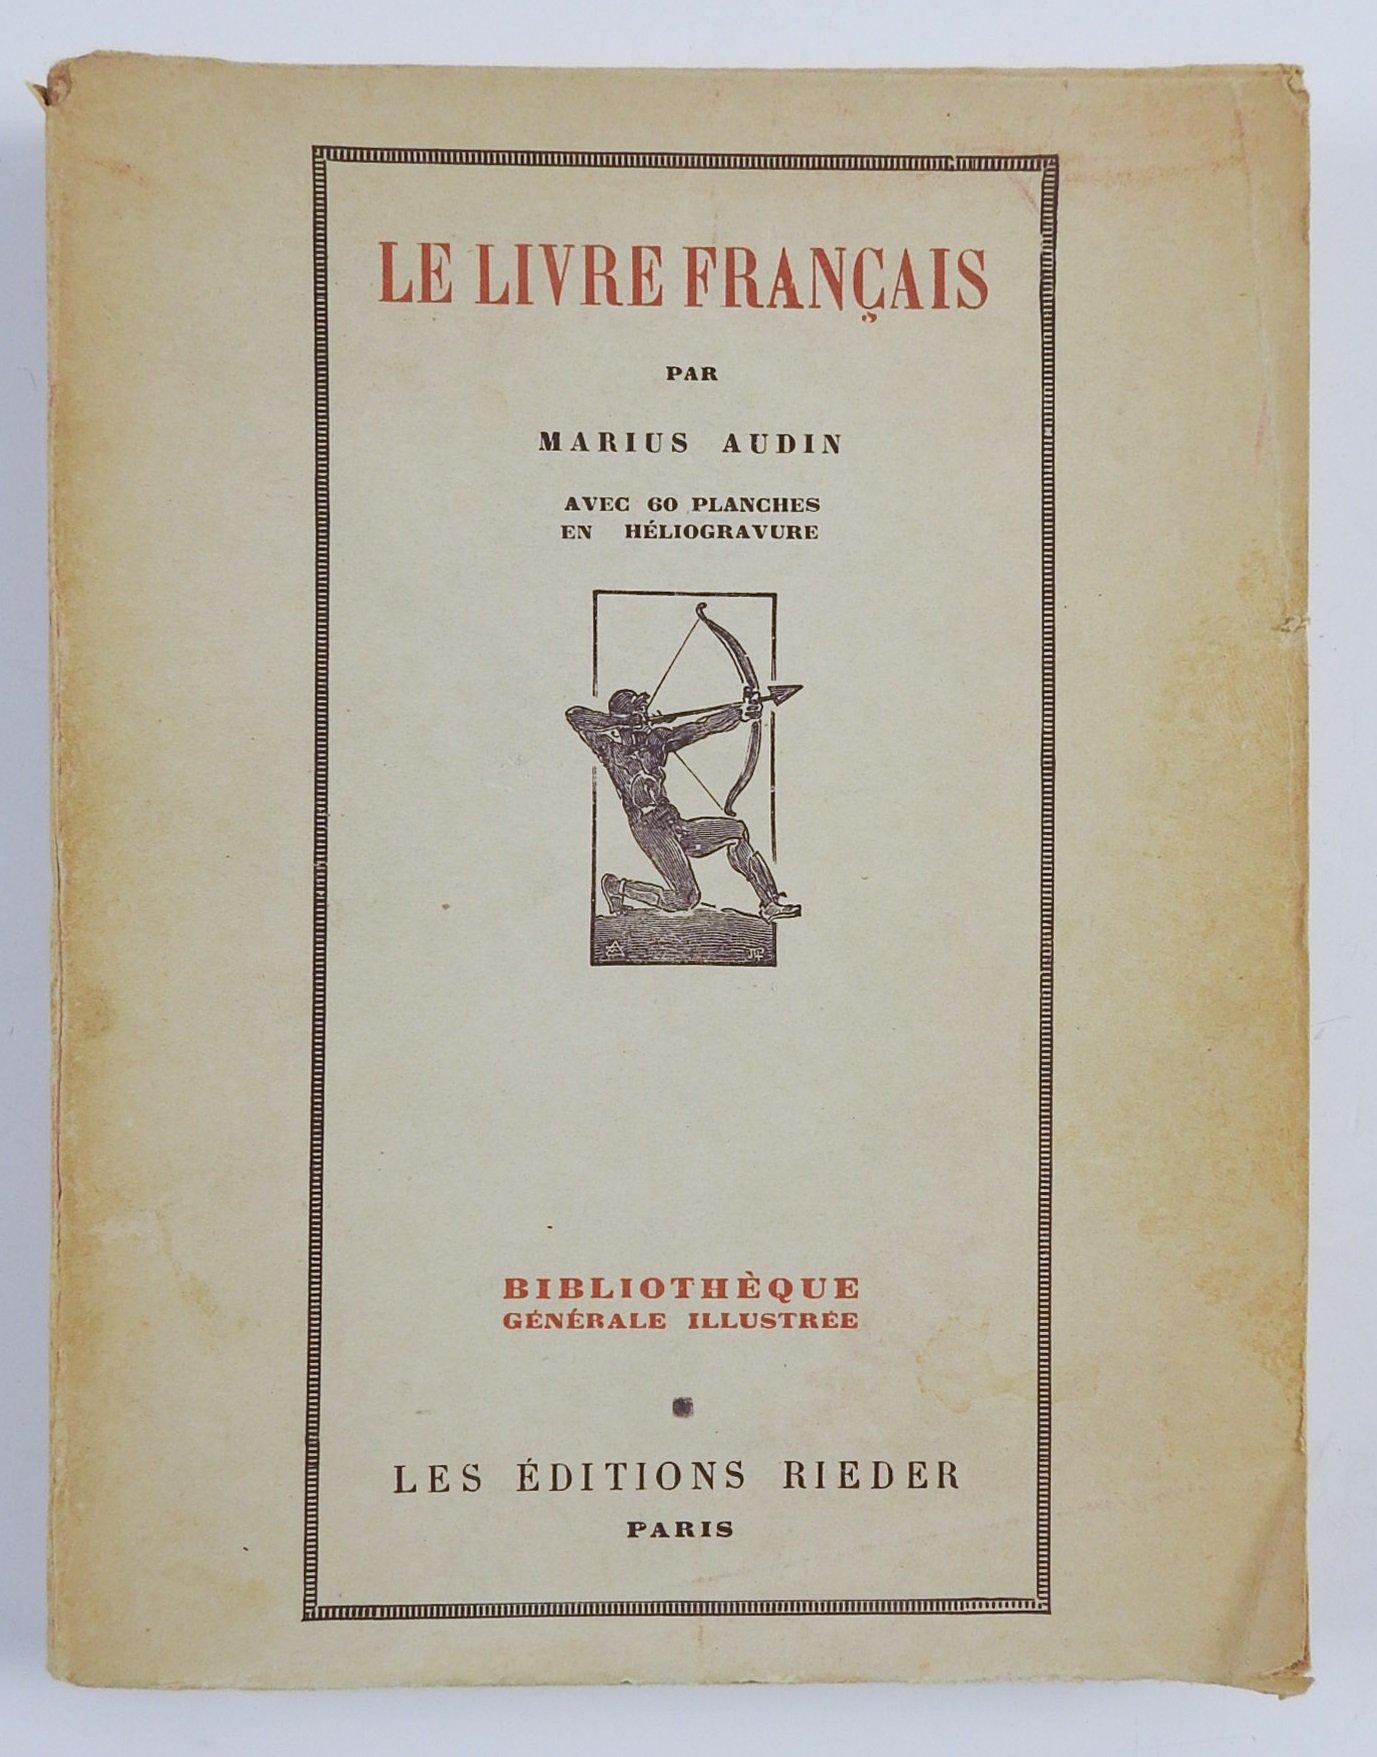 Le Livre Francais On Illustration Marius Audin Amazon Com